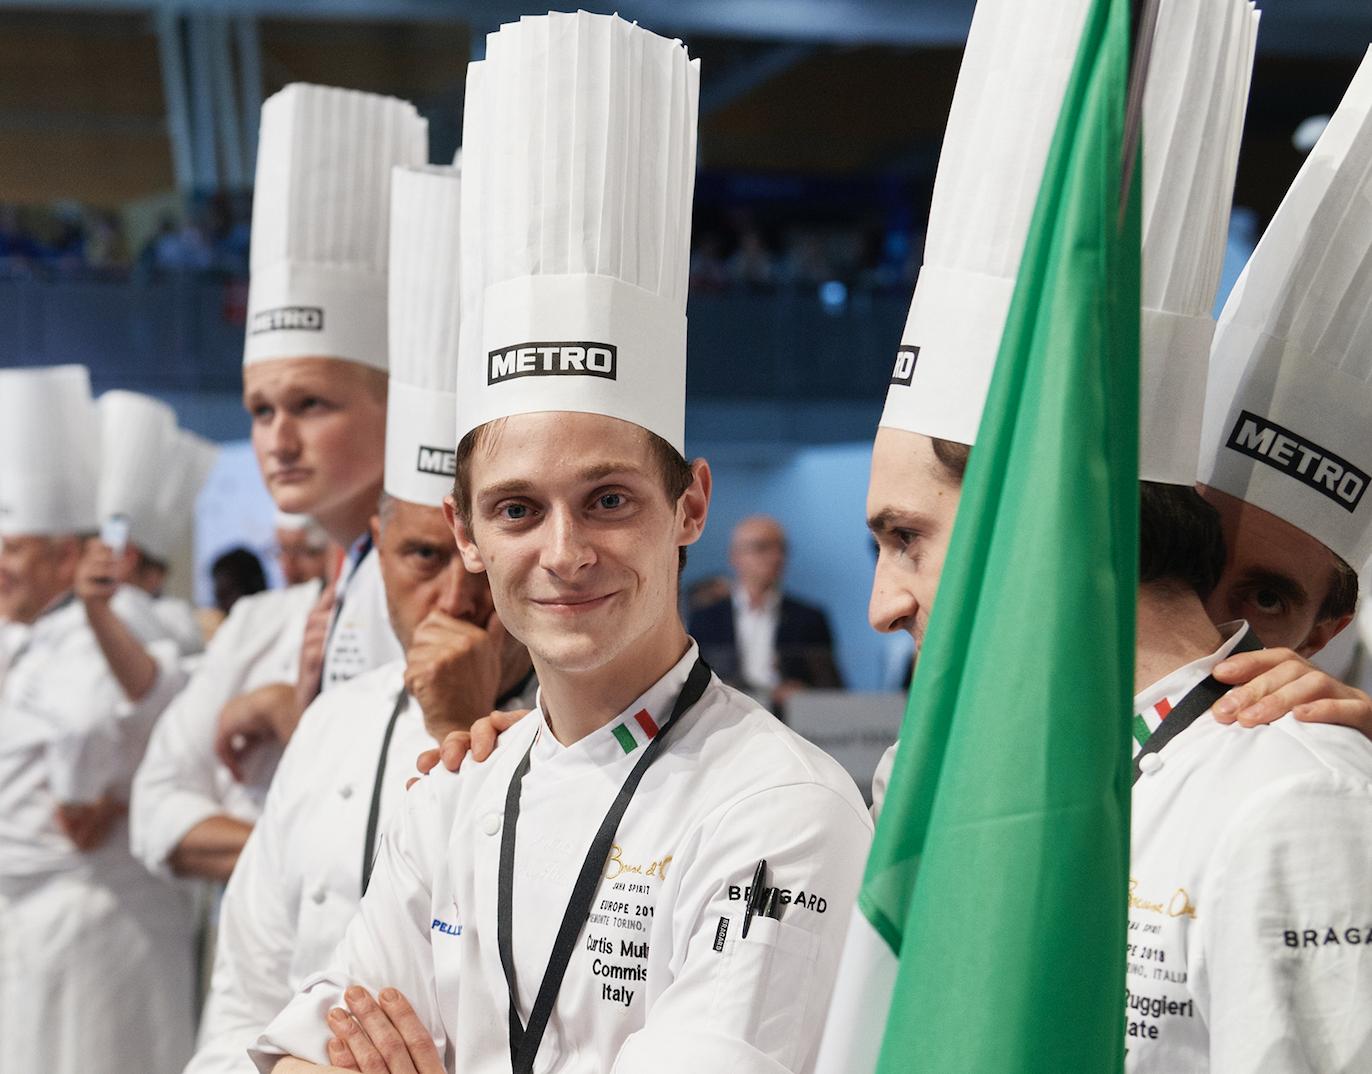 Meilleur Ouvrier De France Cuisine Palmares | Curtis Mulpas Decroche Le Prix Du Meilleur Commis D Europe Bocuse D Or